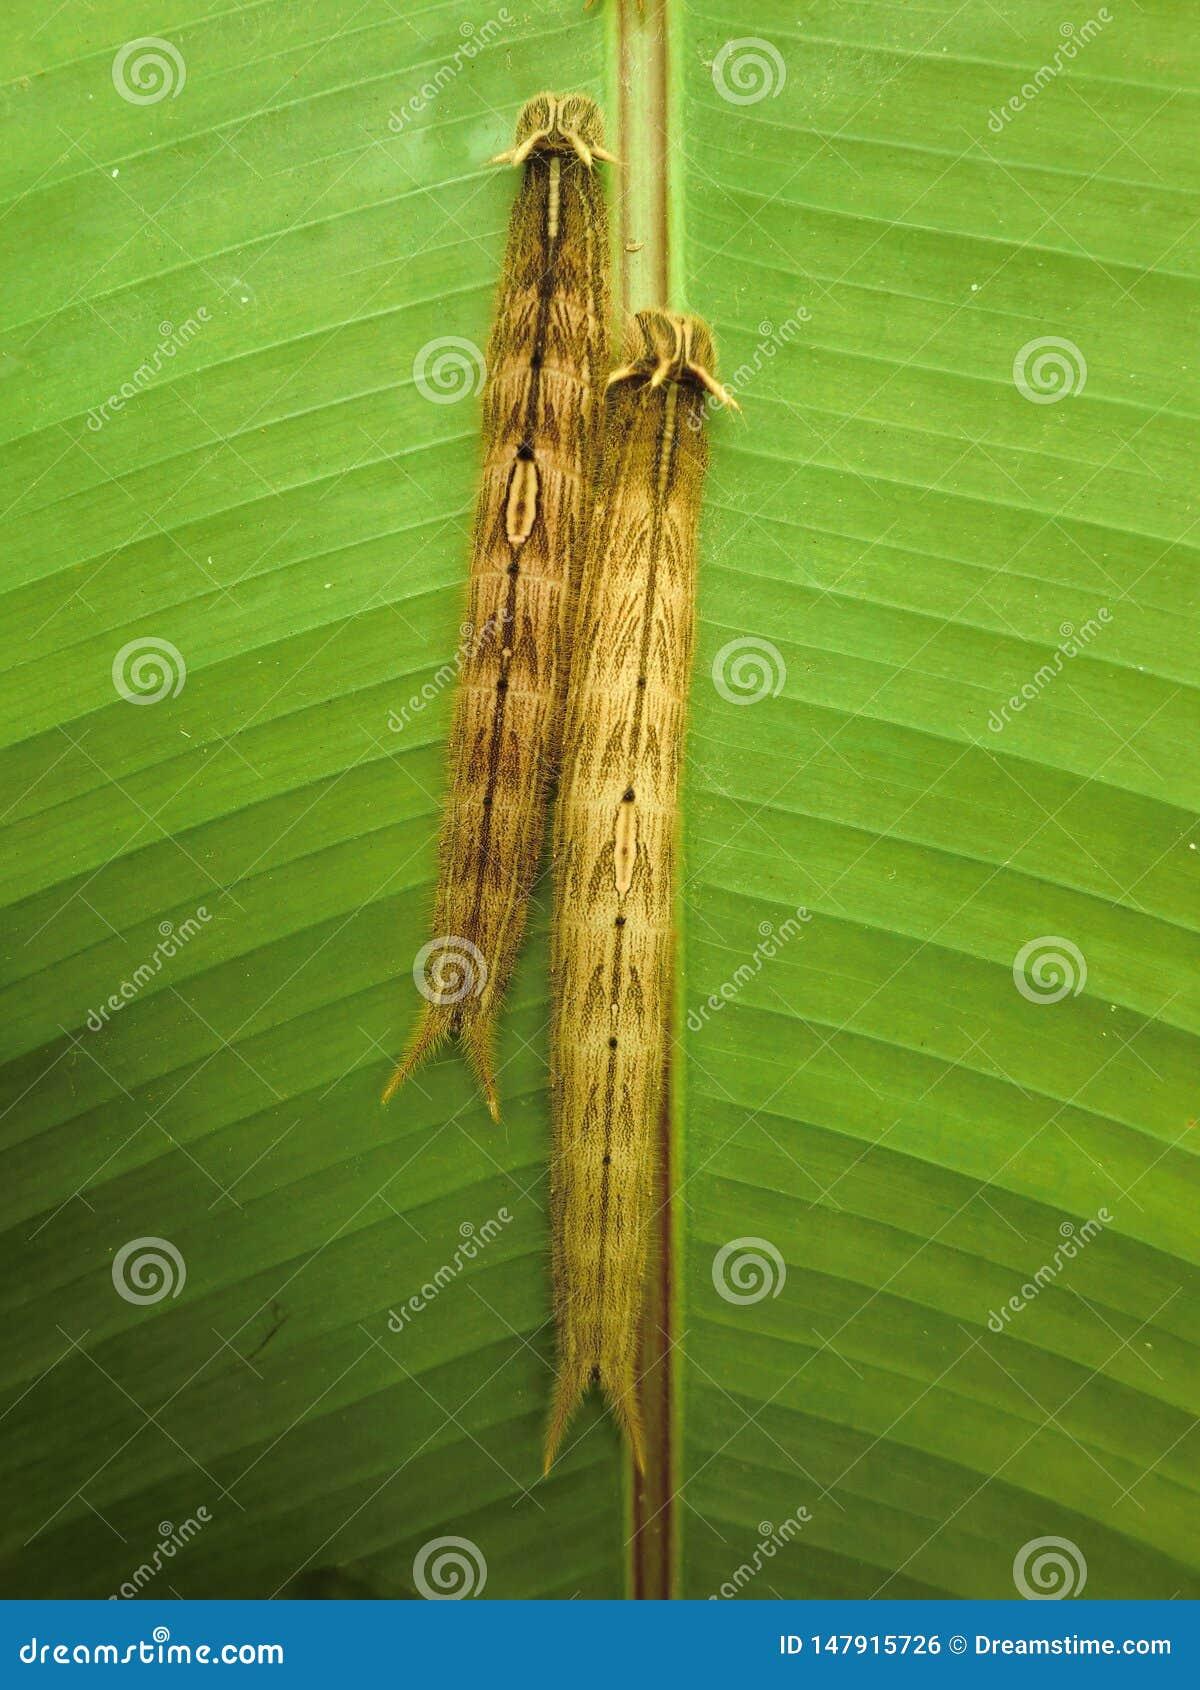 两条毛虫避难在一片绿色叶子背面在温室